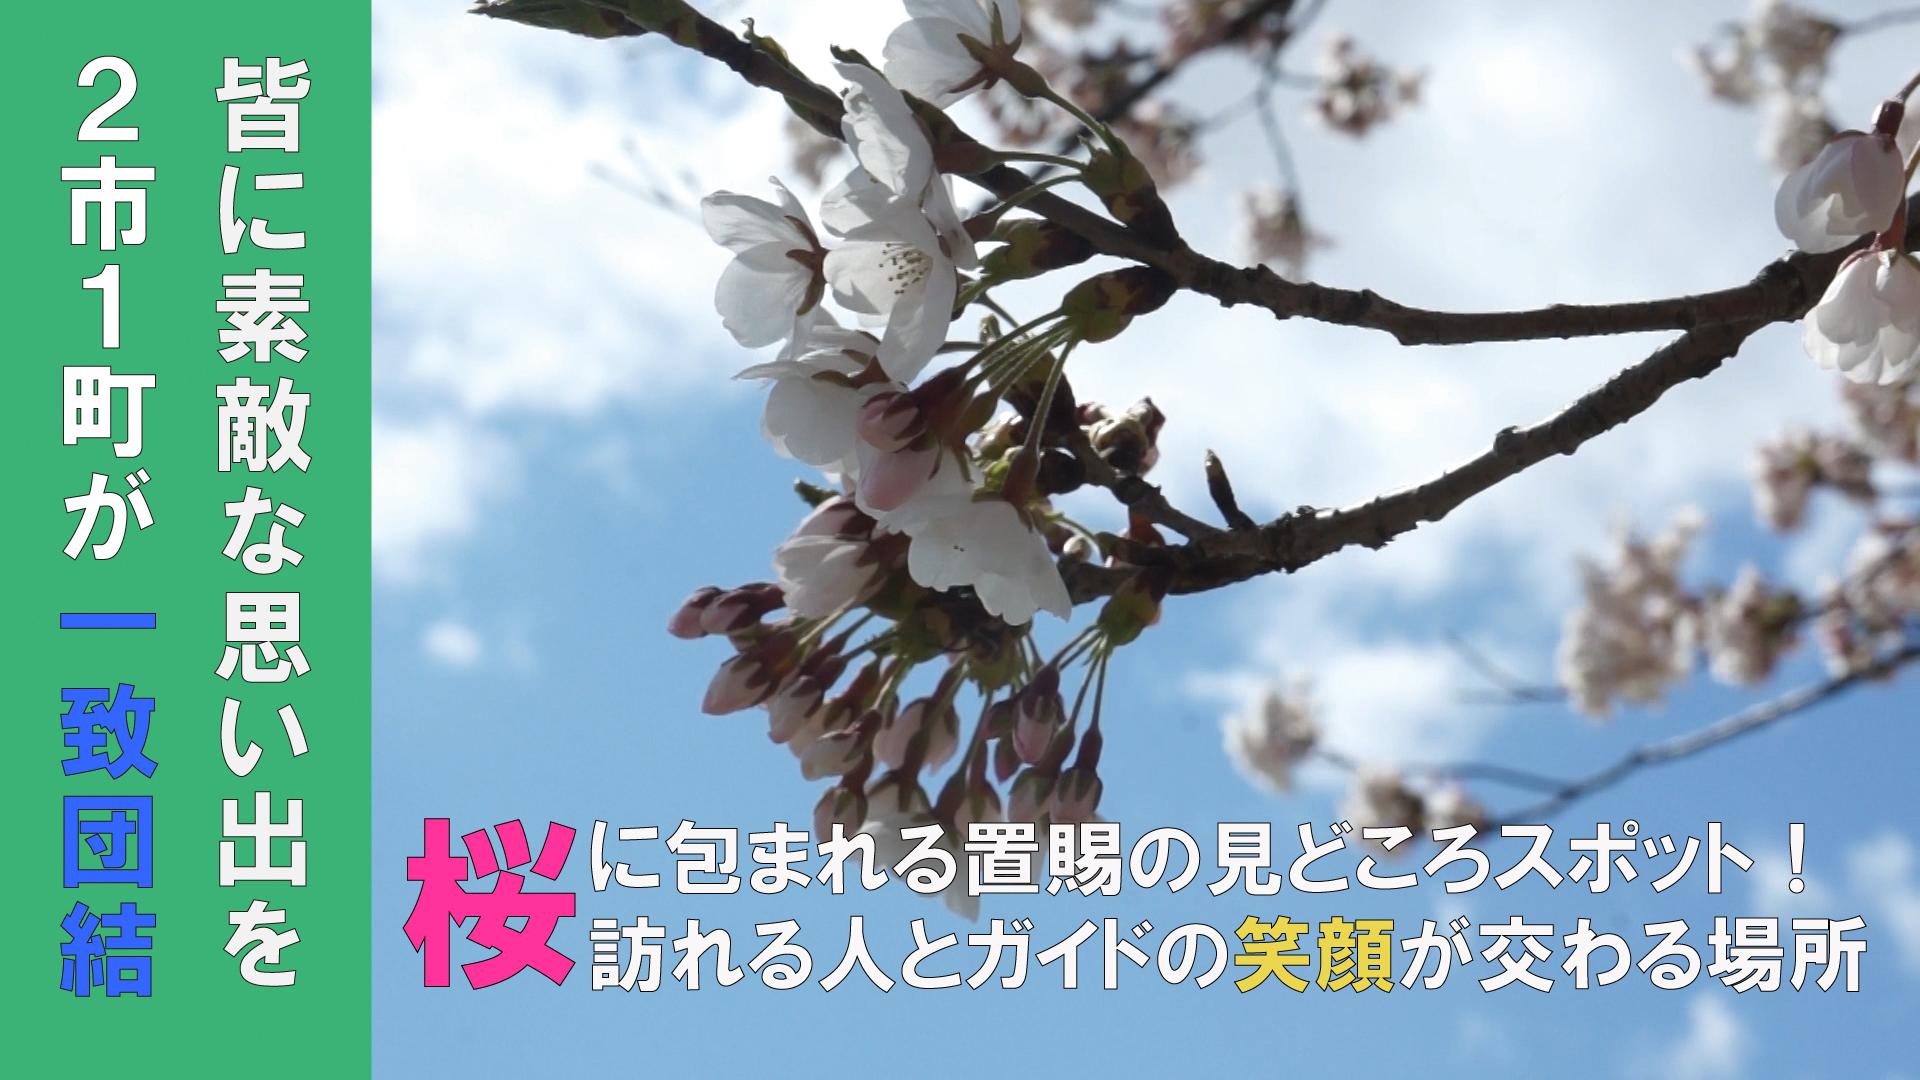 桜の下で華麗な舞を披露~ 置賜さくら回廊「花咲きイベント」~(H30.4.13):画像